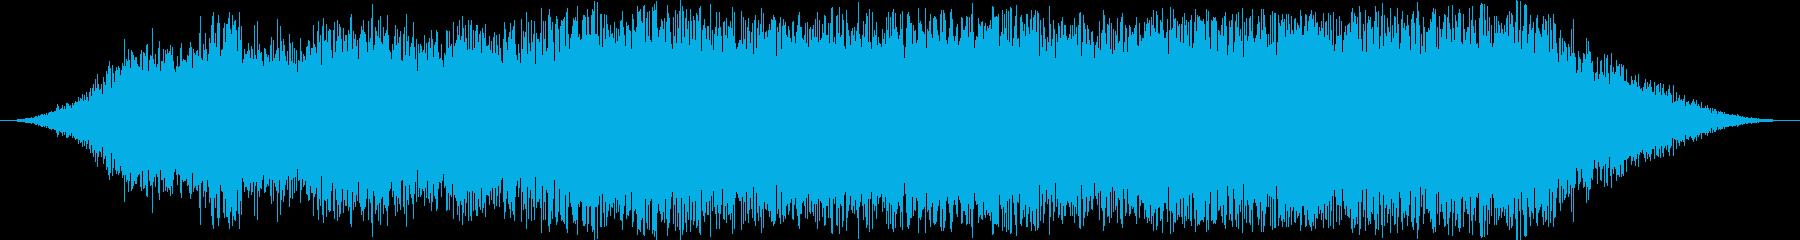 丘の中腹の雪崩:重い岩と土砂崩れの再生済みの波形